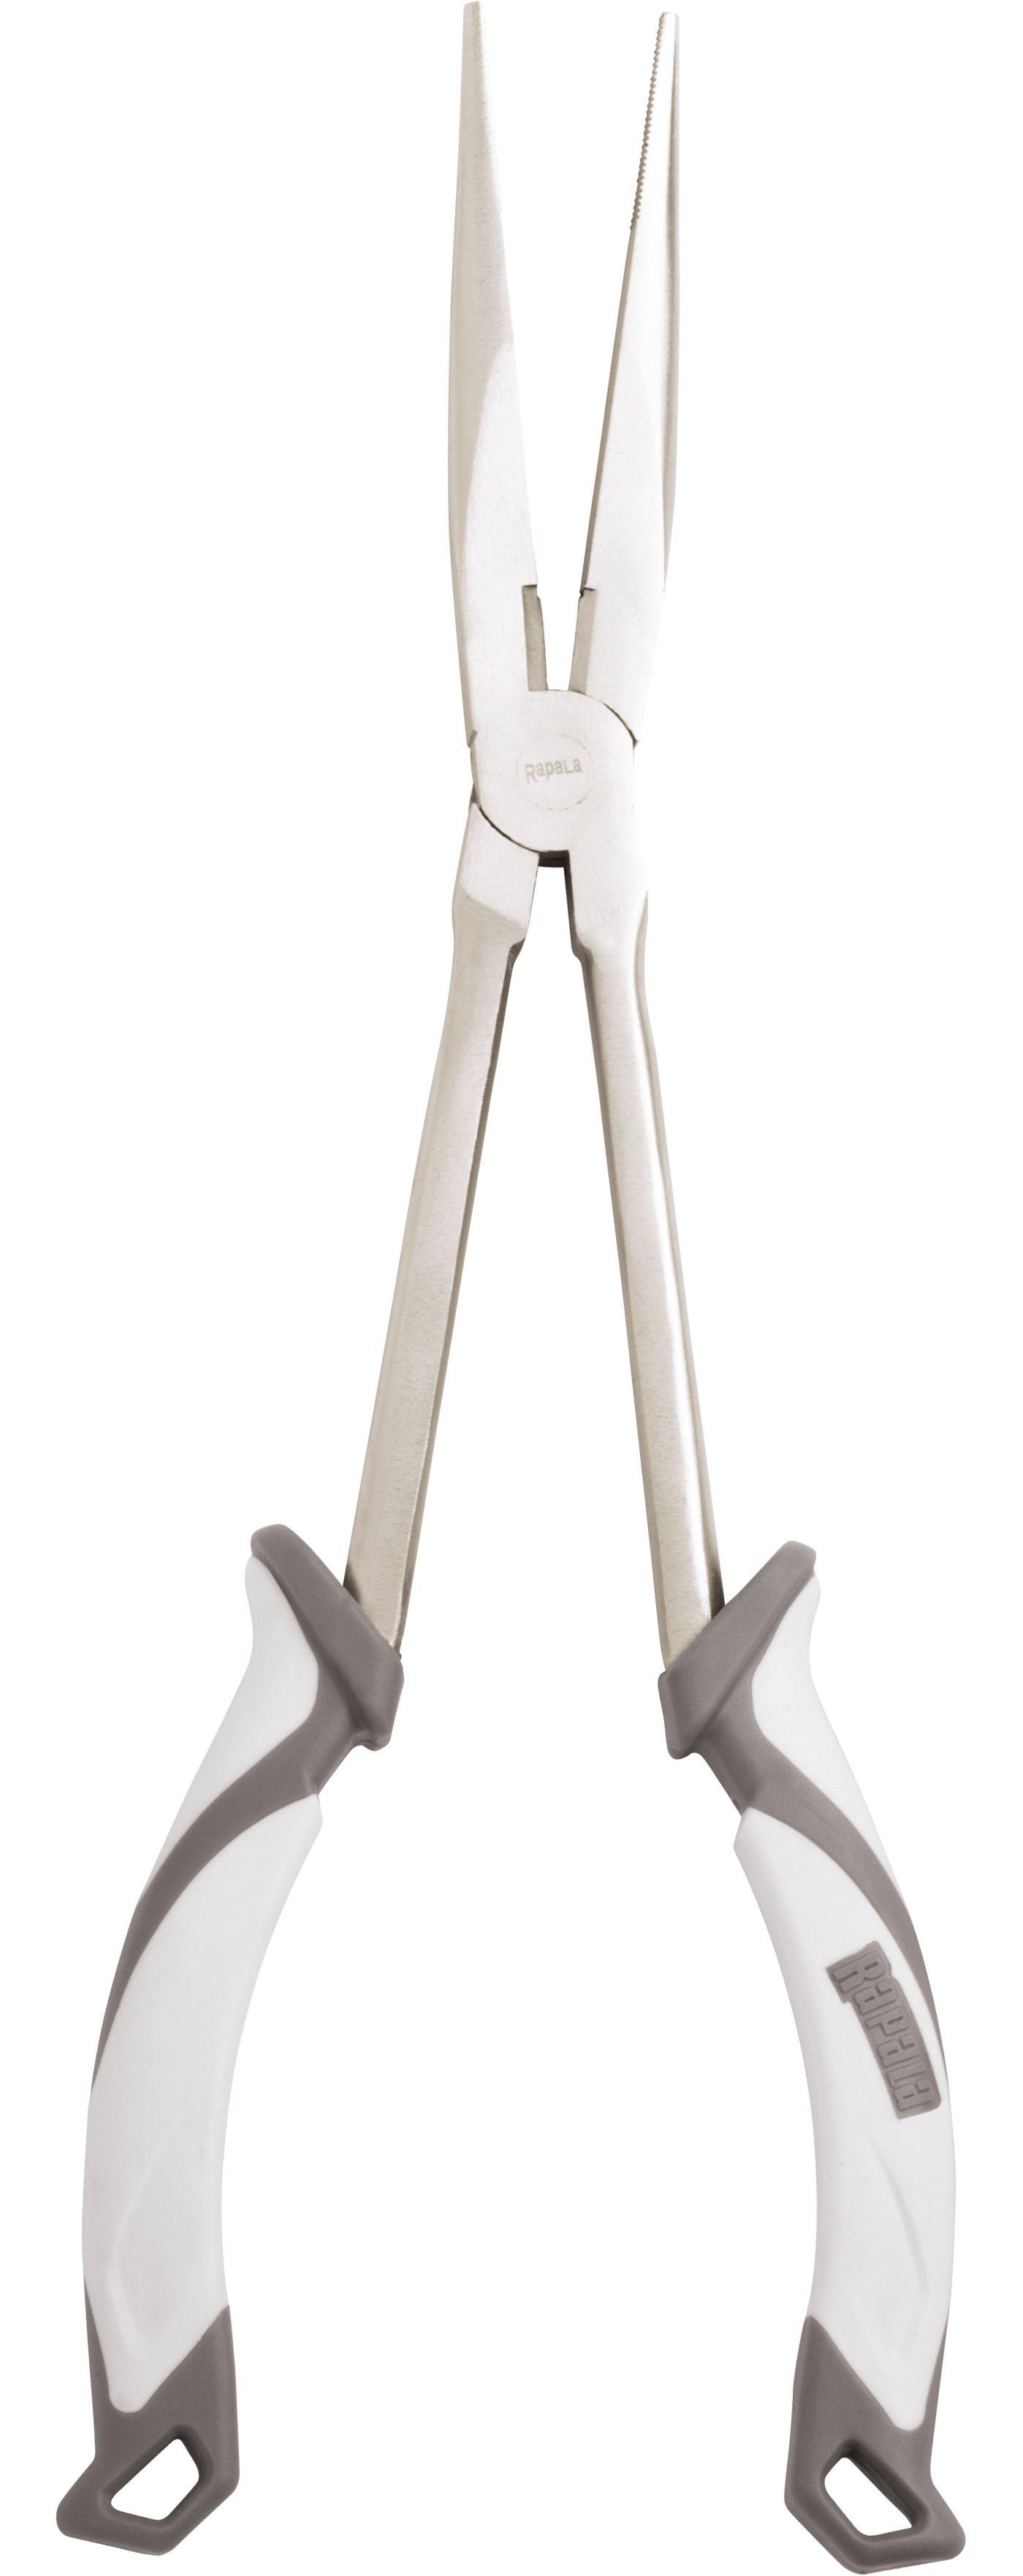 Rapala Salt Angler's Pliers